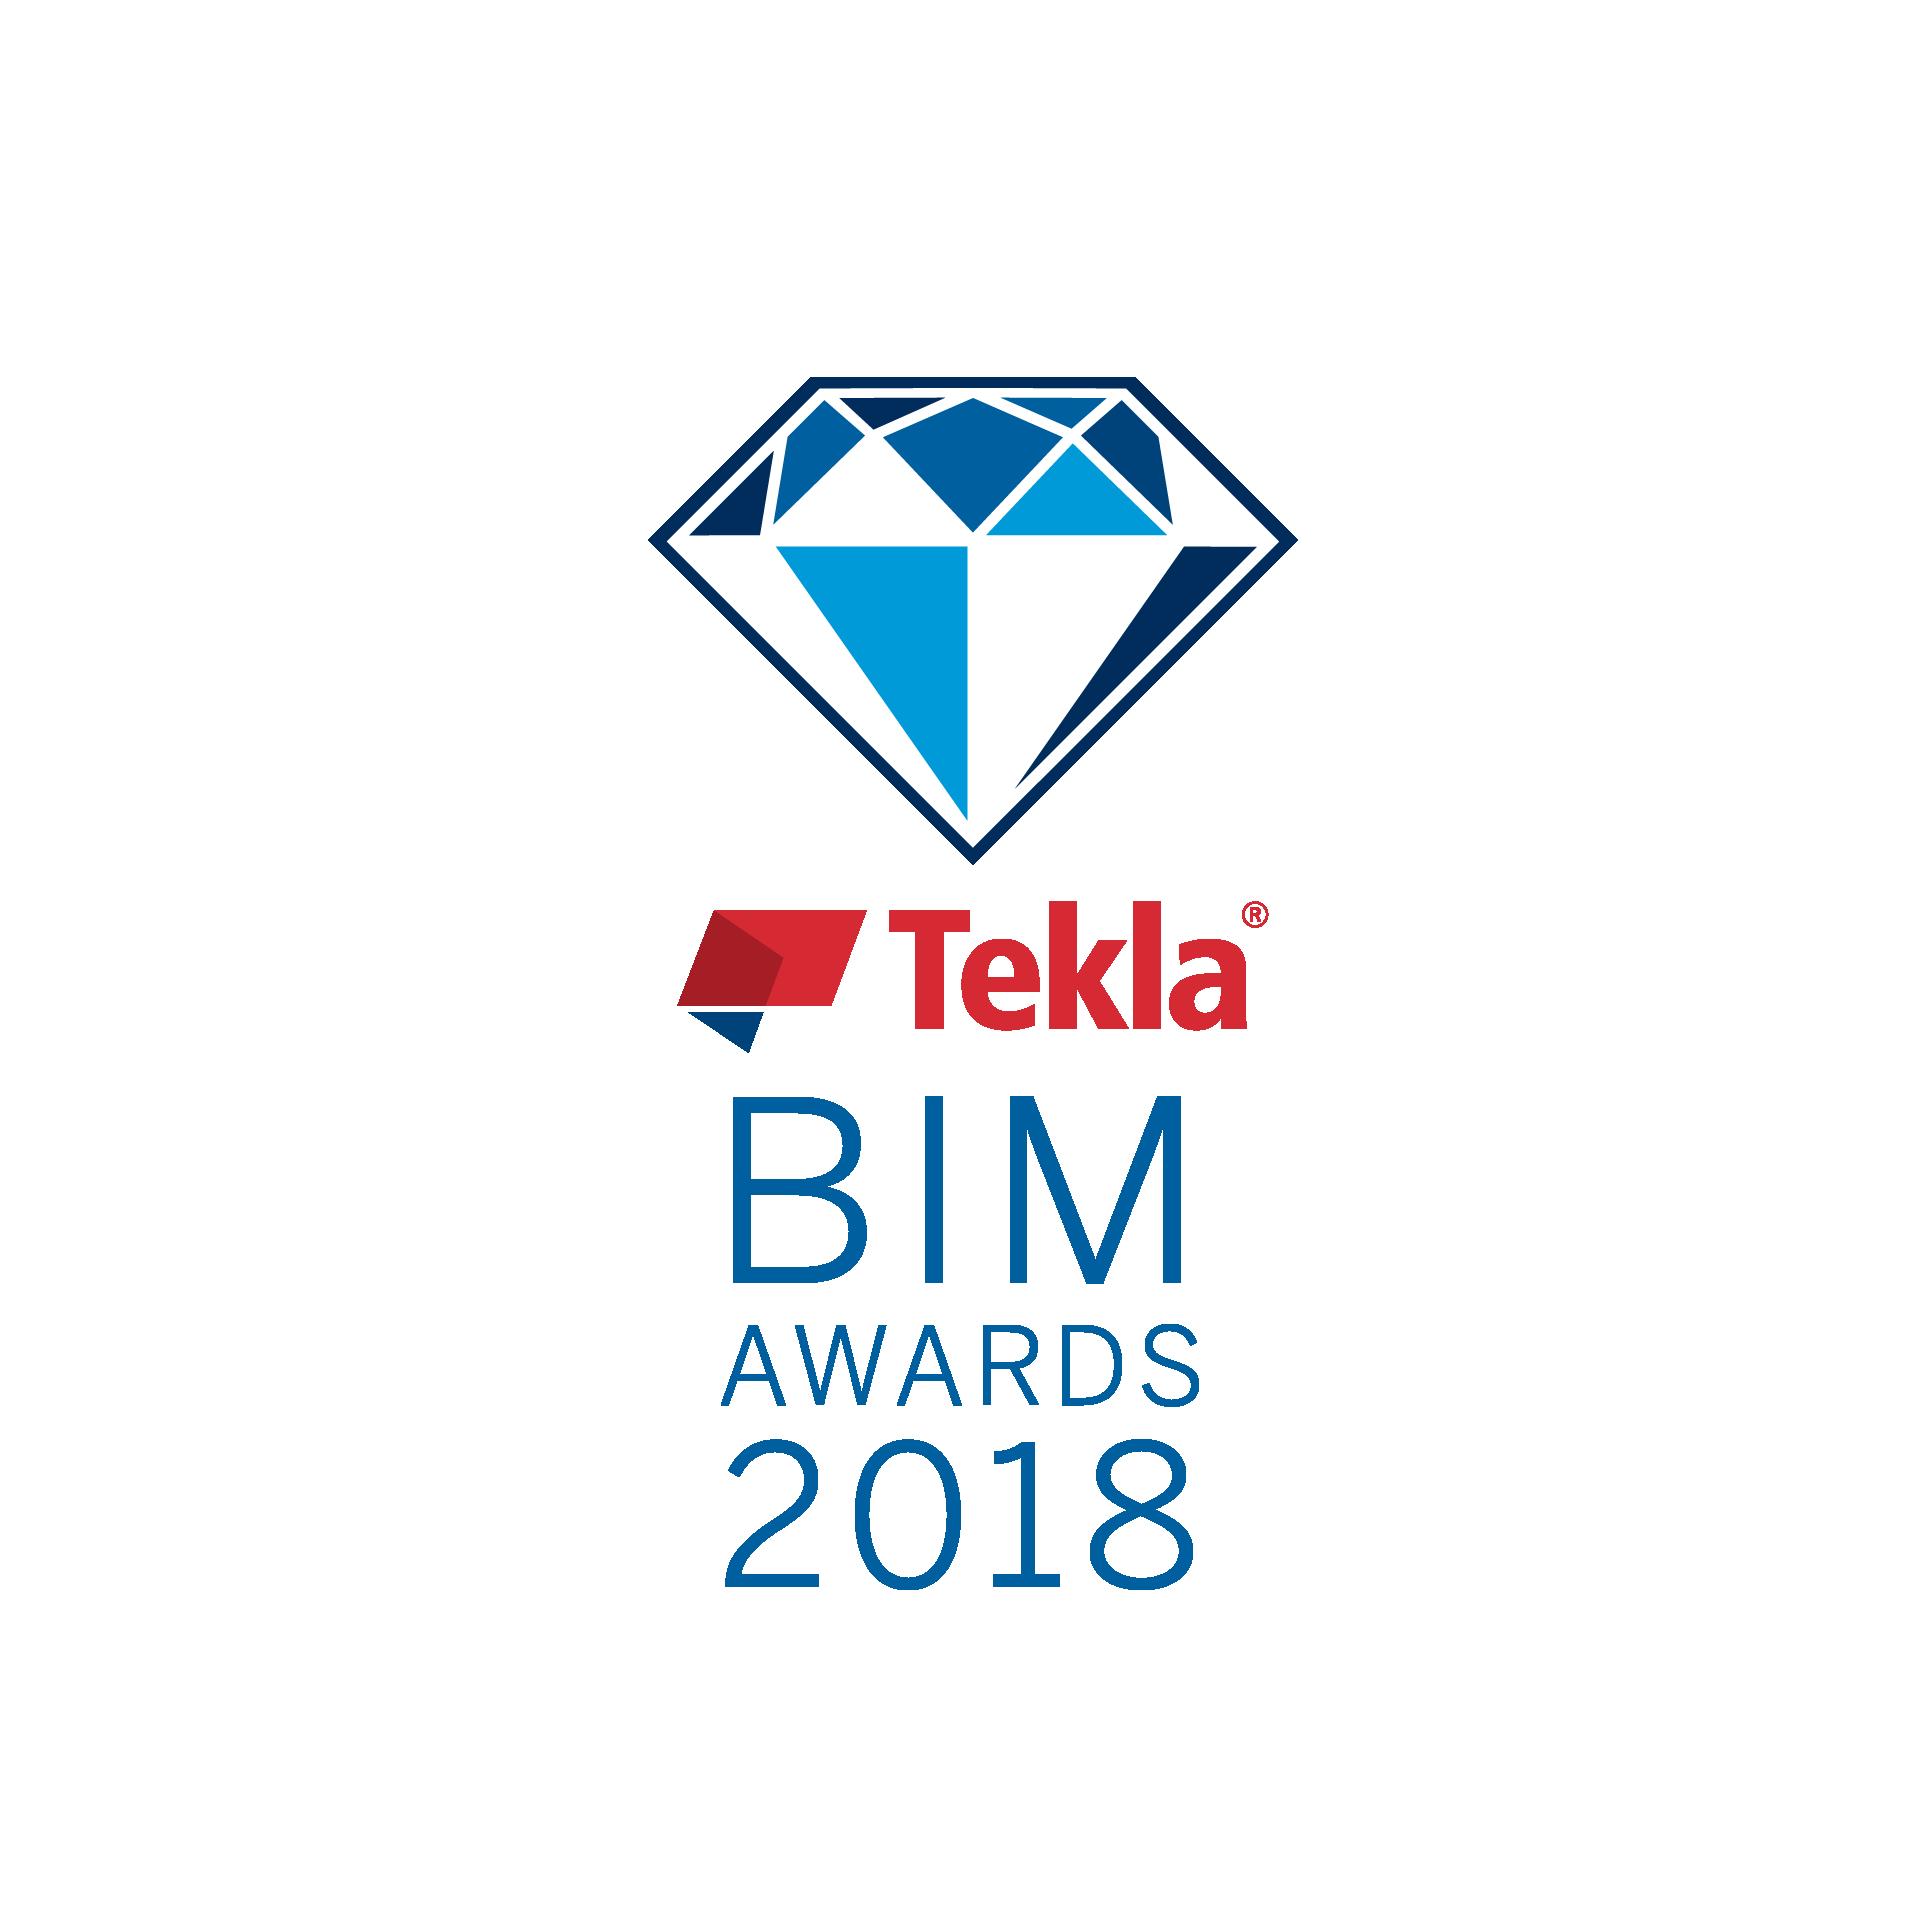 Trao giải thưởng cuộc thi Tekla BIM Awards châu Á 2018